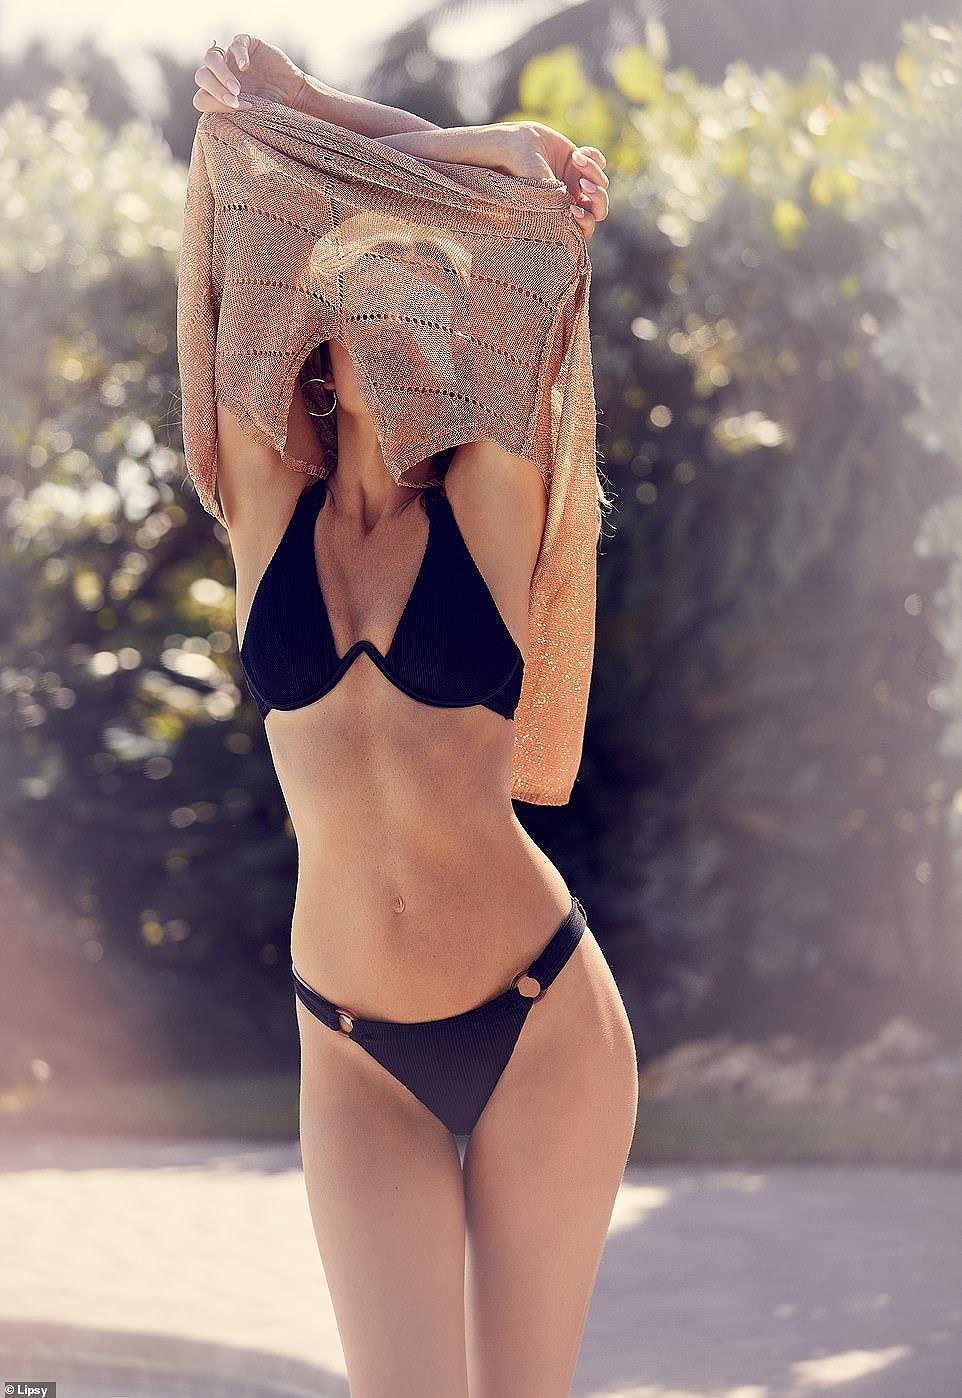 Abbey Clancy tung ảnh bikini khoe đường cong chuẩn từng centimet - Hình 12